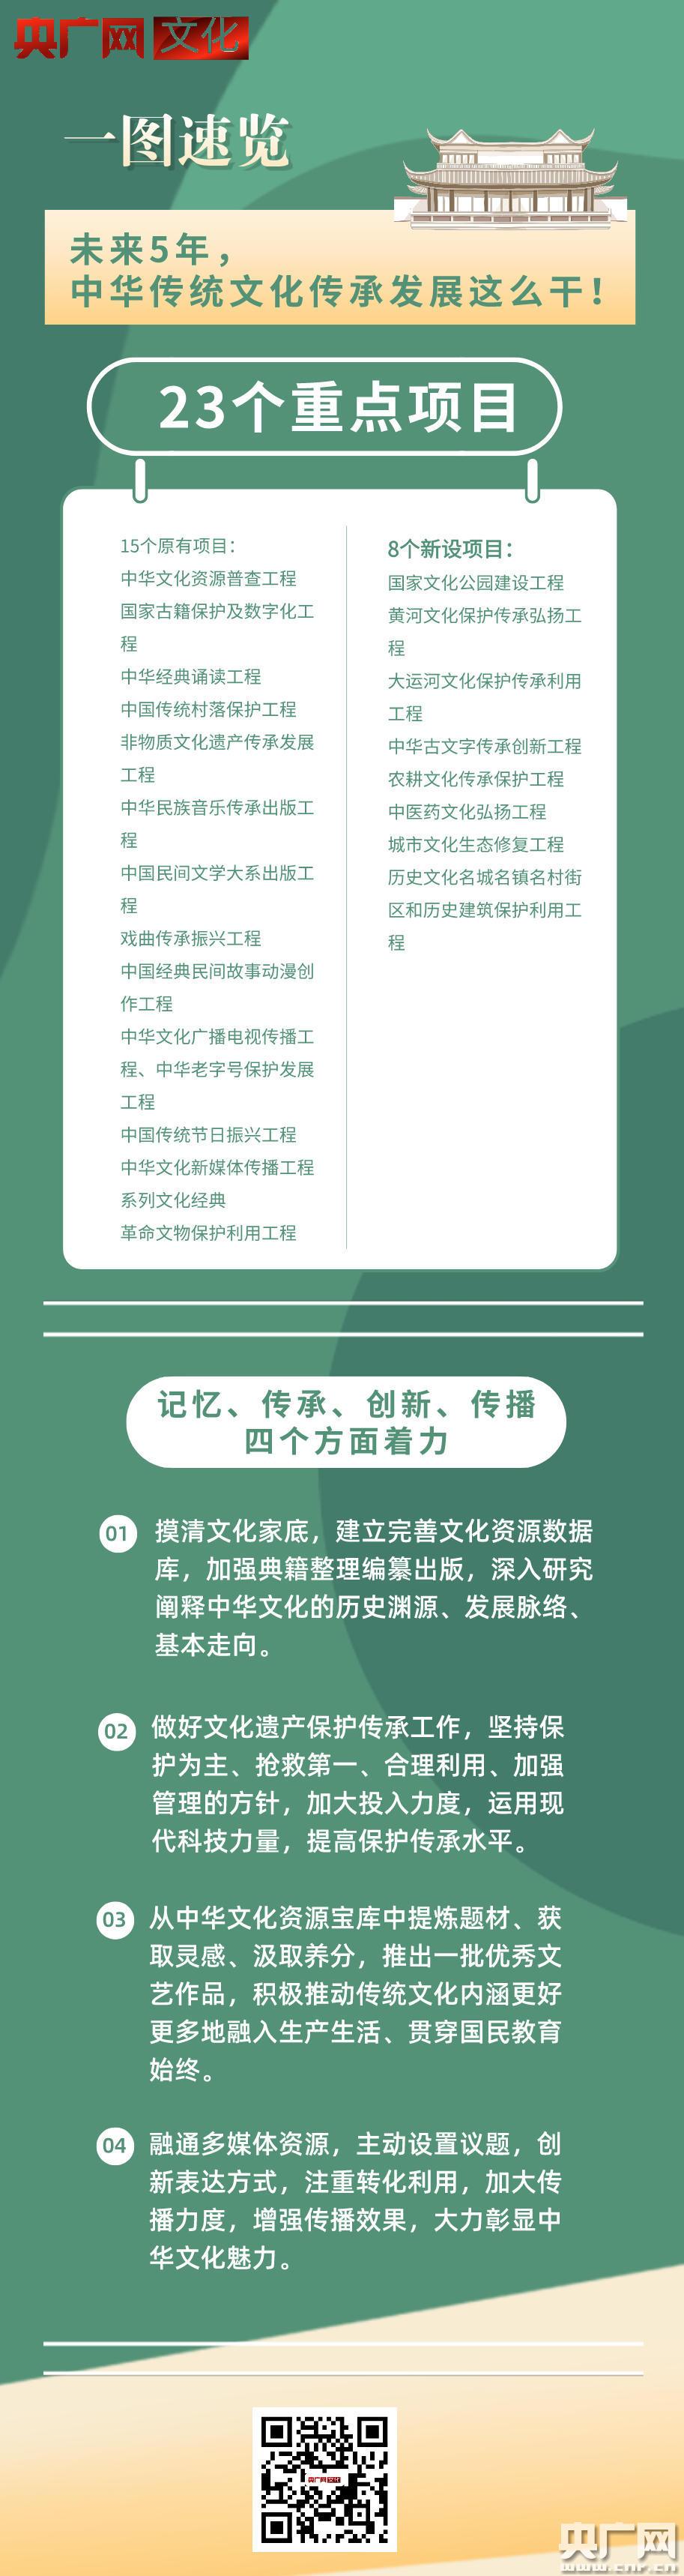 一图速览 | 未来5年,中华传统文化传承发展这么干!